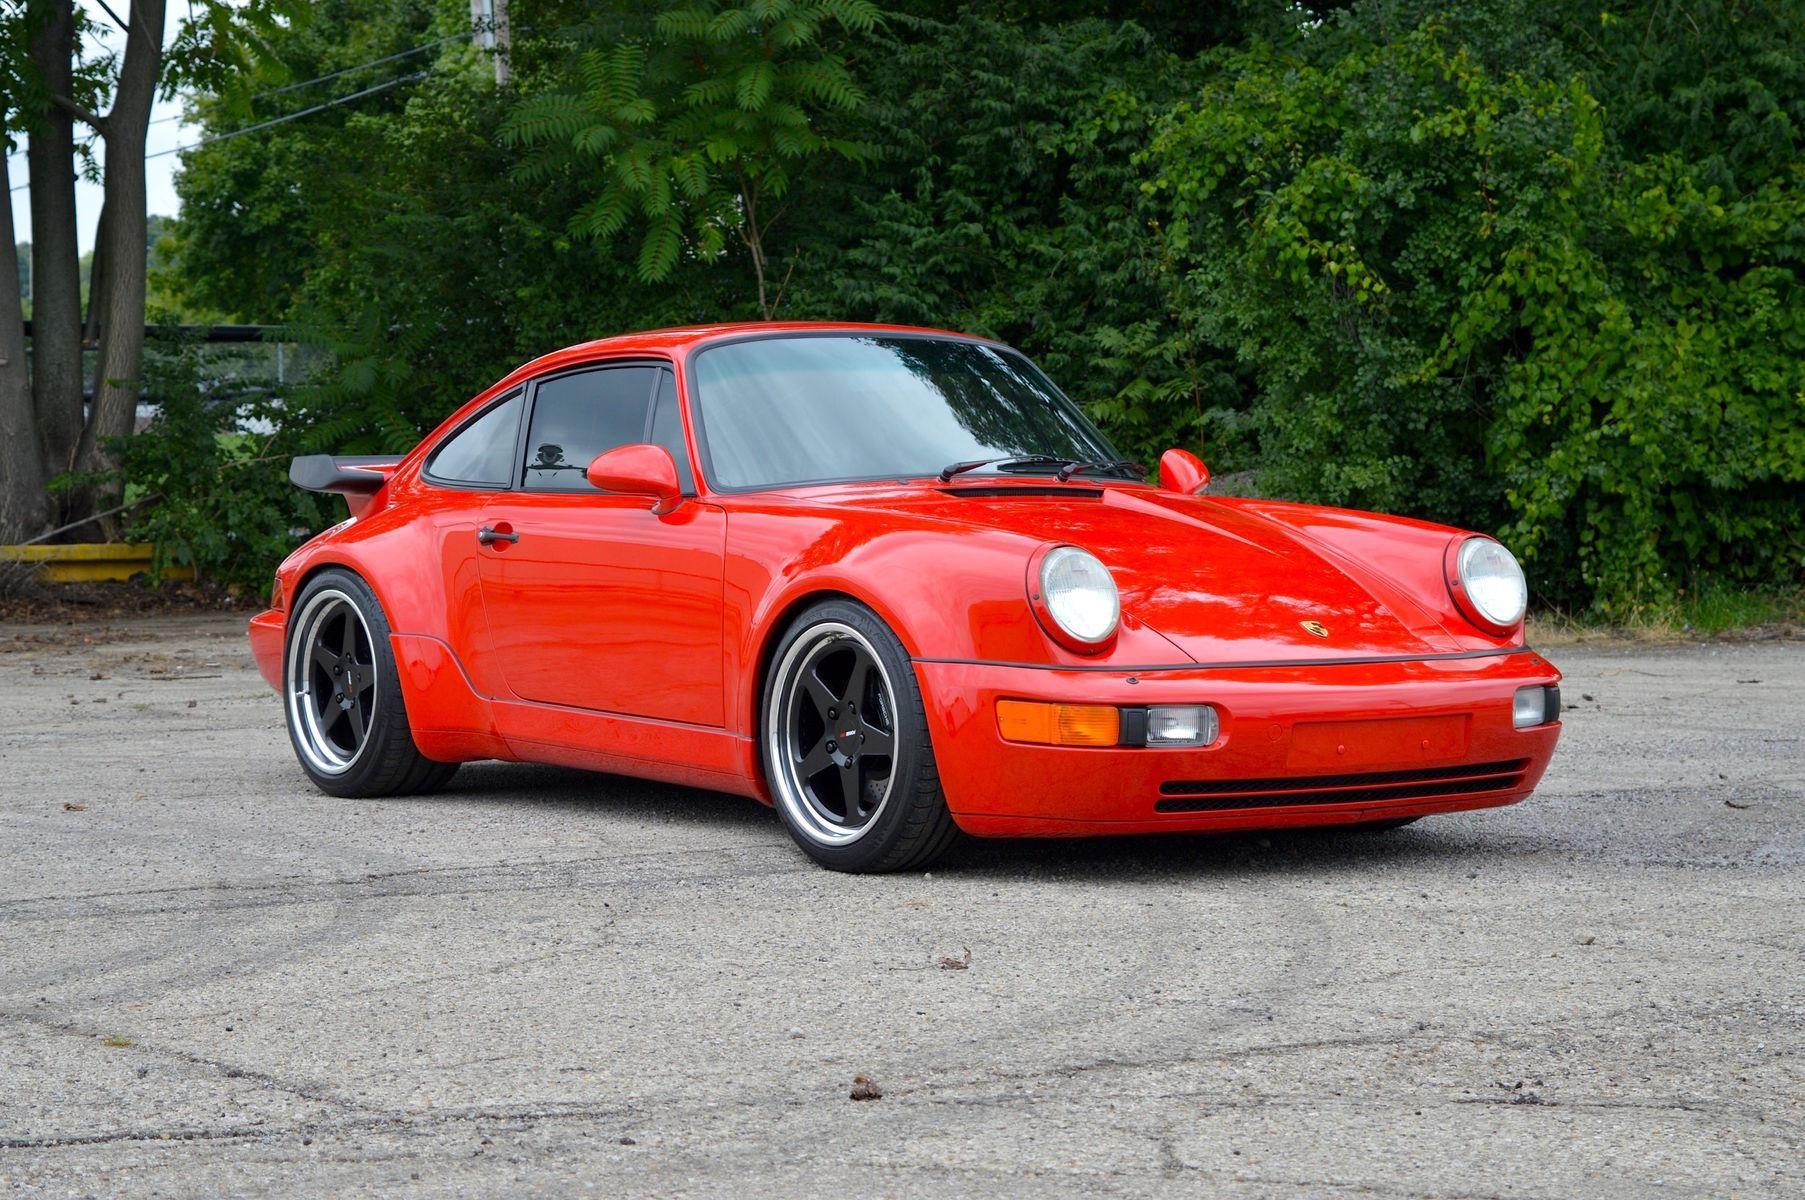 1991 Porsche 964 | Dave Schardt's Porsche 964 Turbo on Forgeline Heritage Series FF3 Wheels